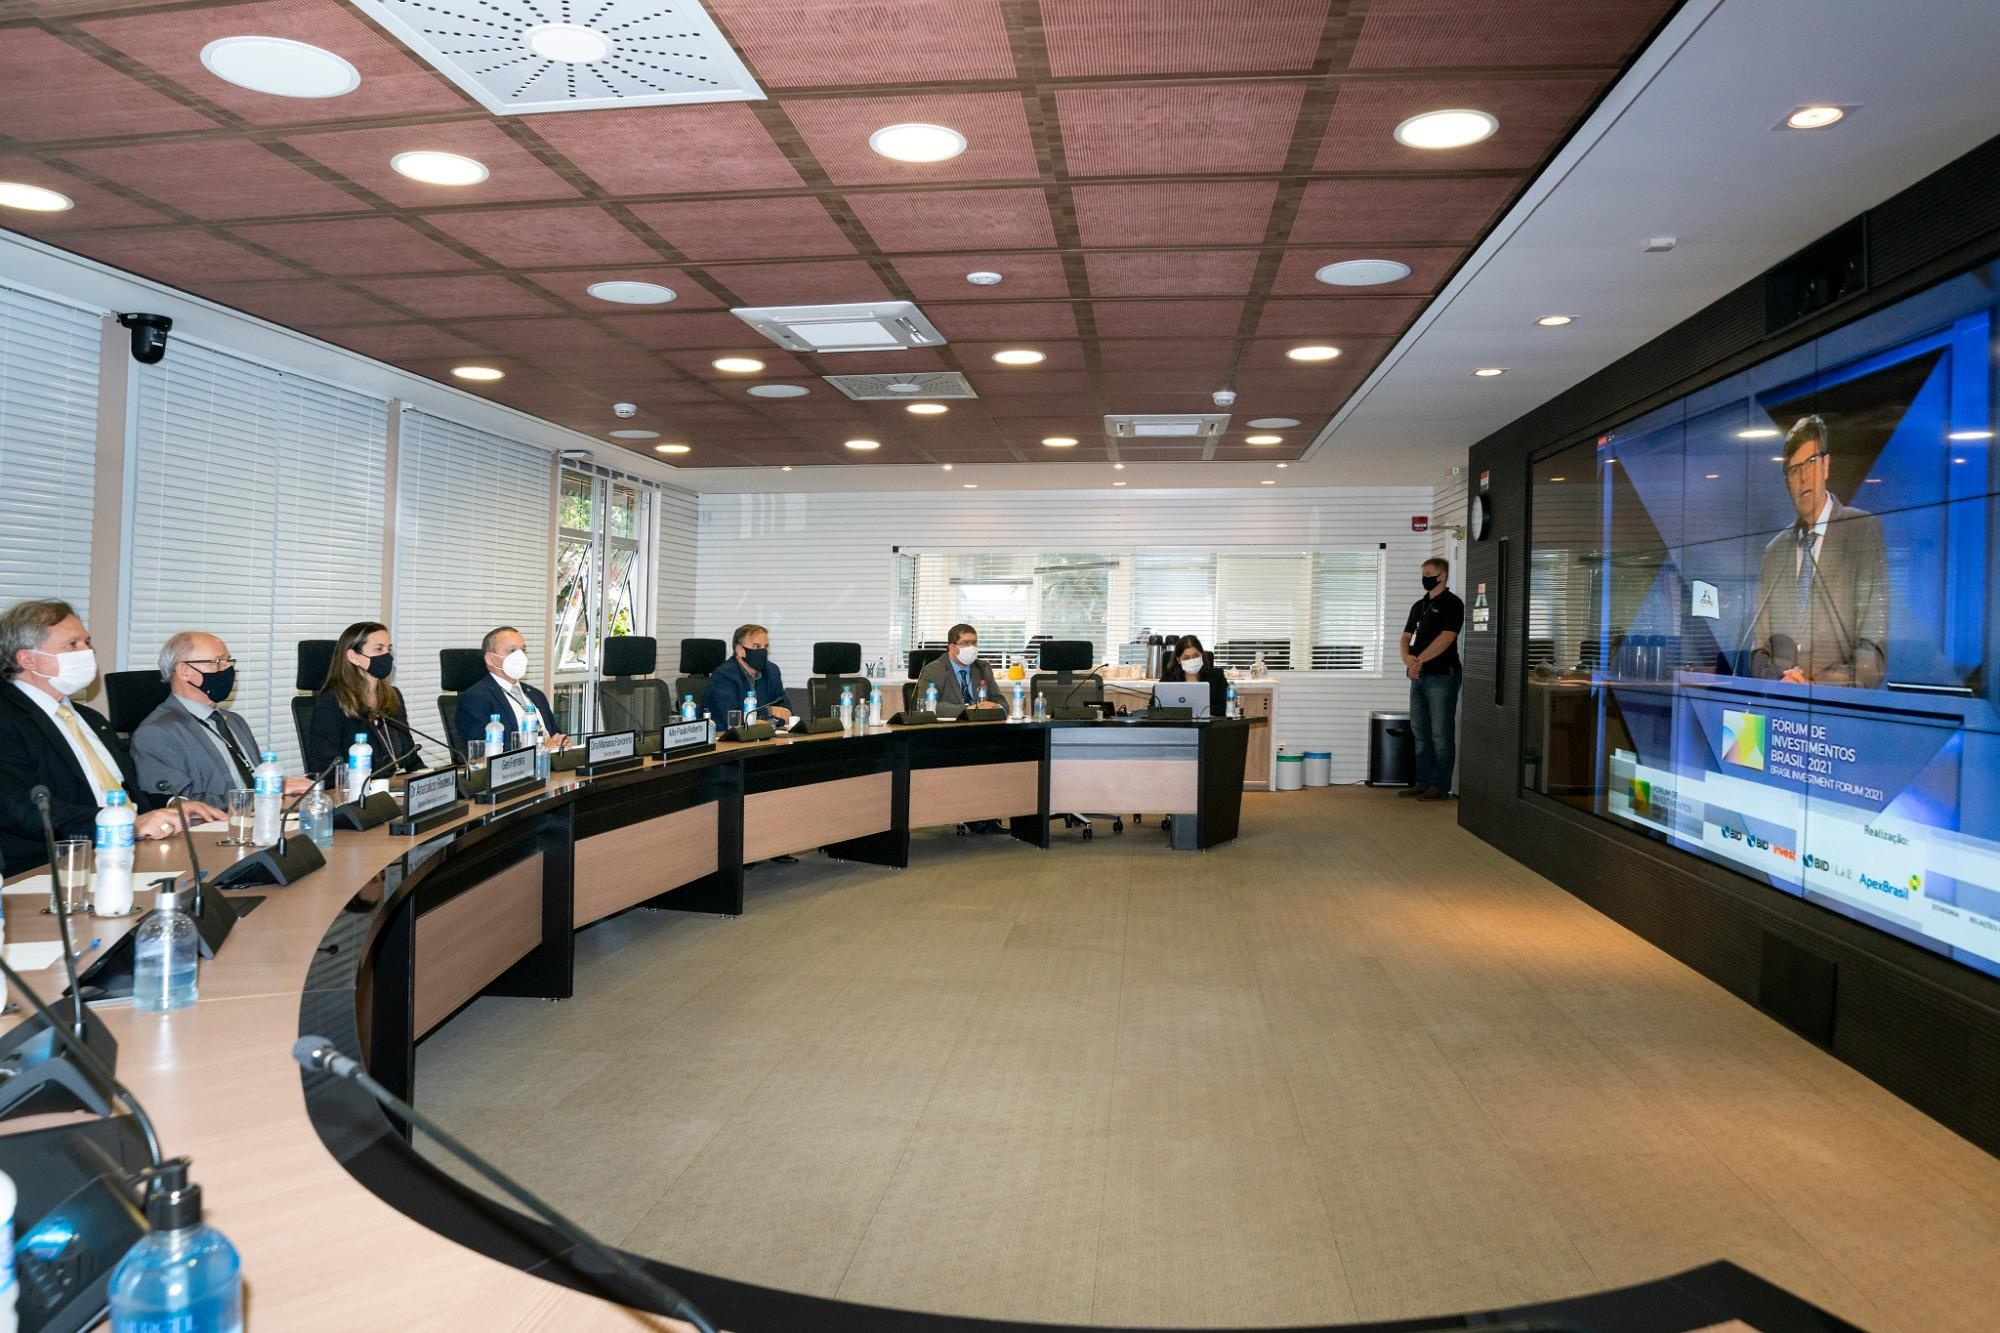 2021, releases empresas, fotos atualizadas , Sara Cheida/Itaipu Binacional